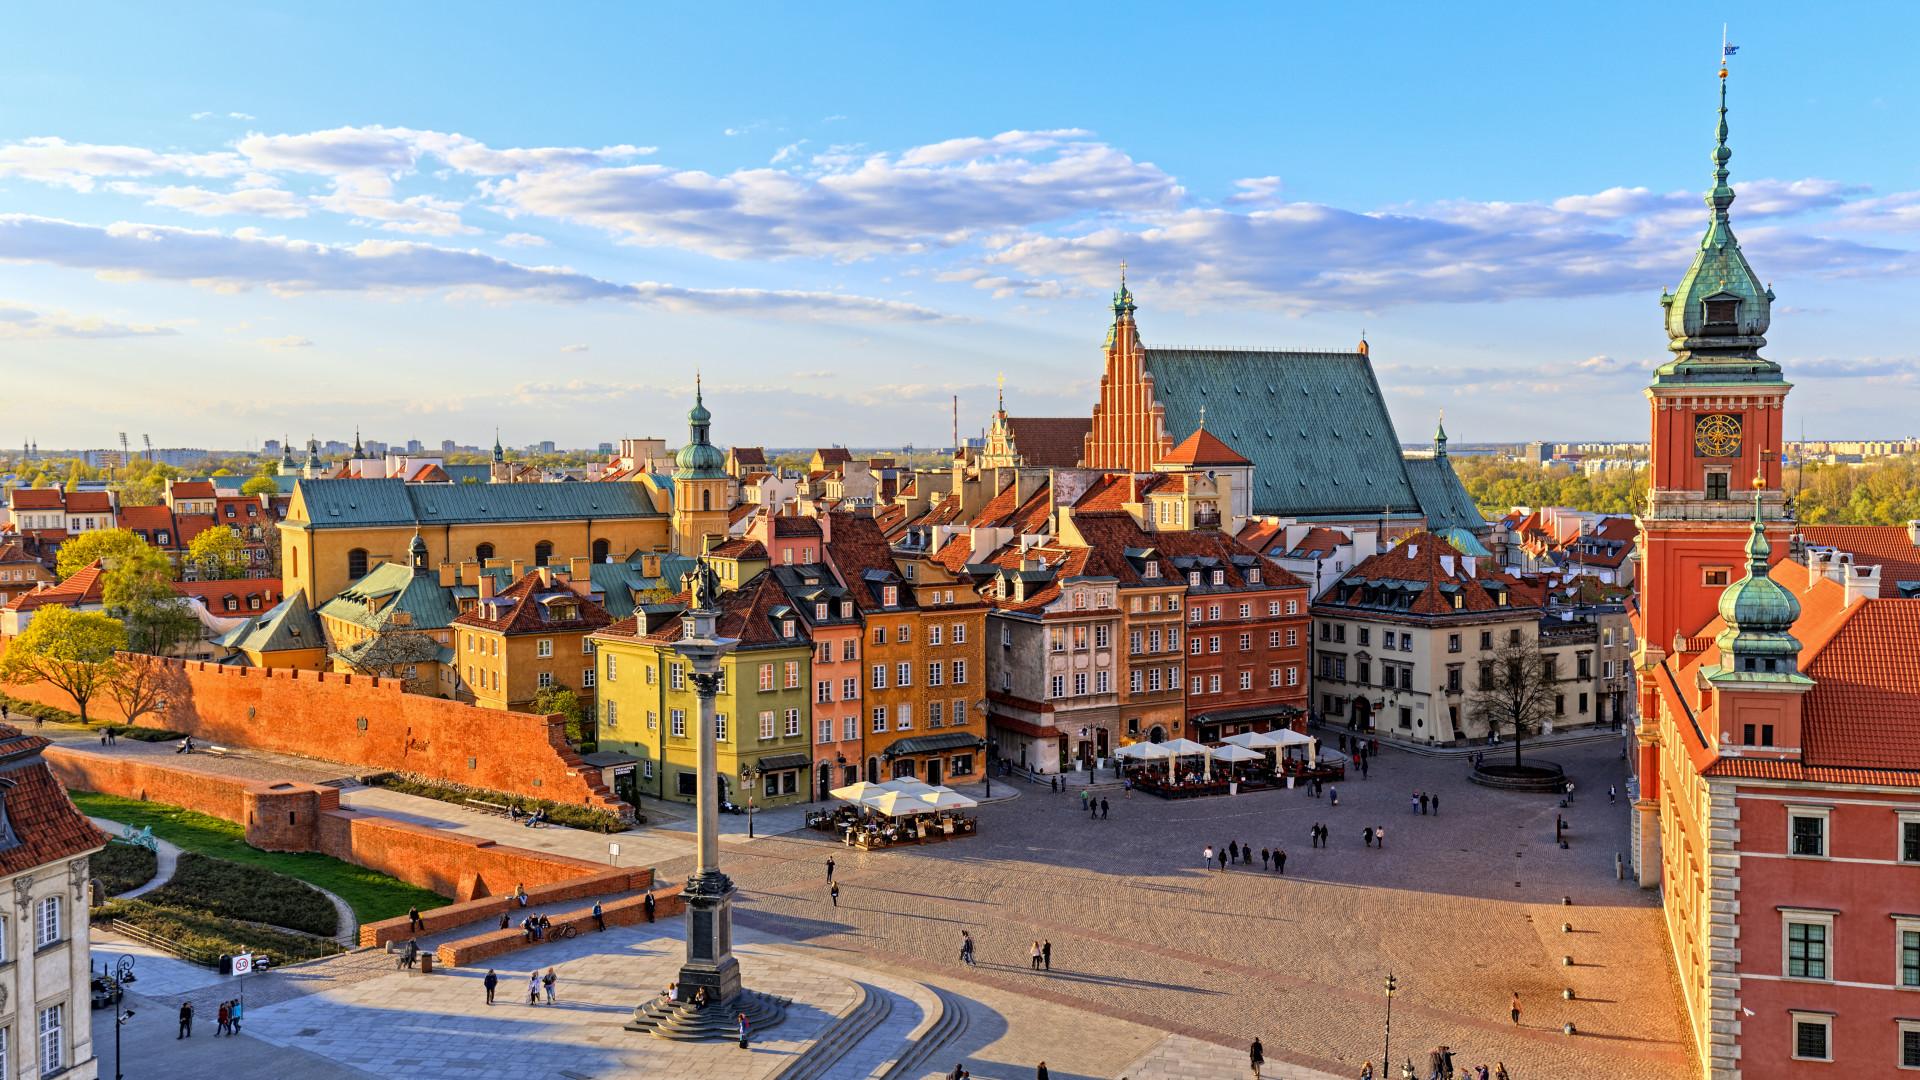 Beveszik a lengyel piacot? - Terjeszkedik a magyar ingatlanfejlesztő